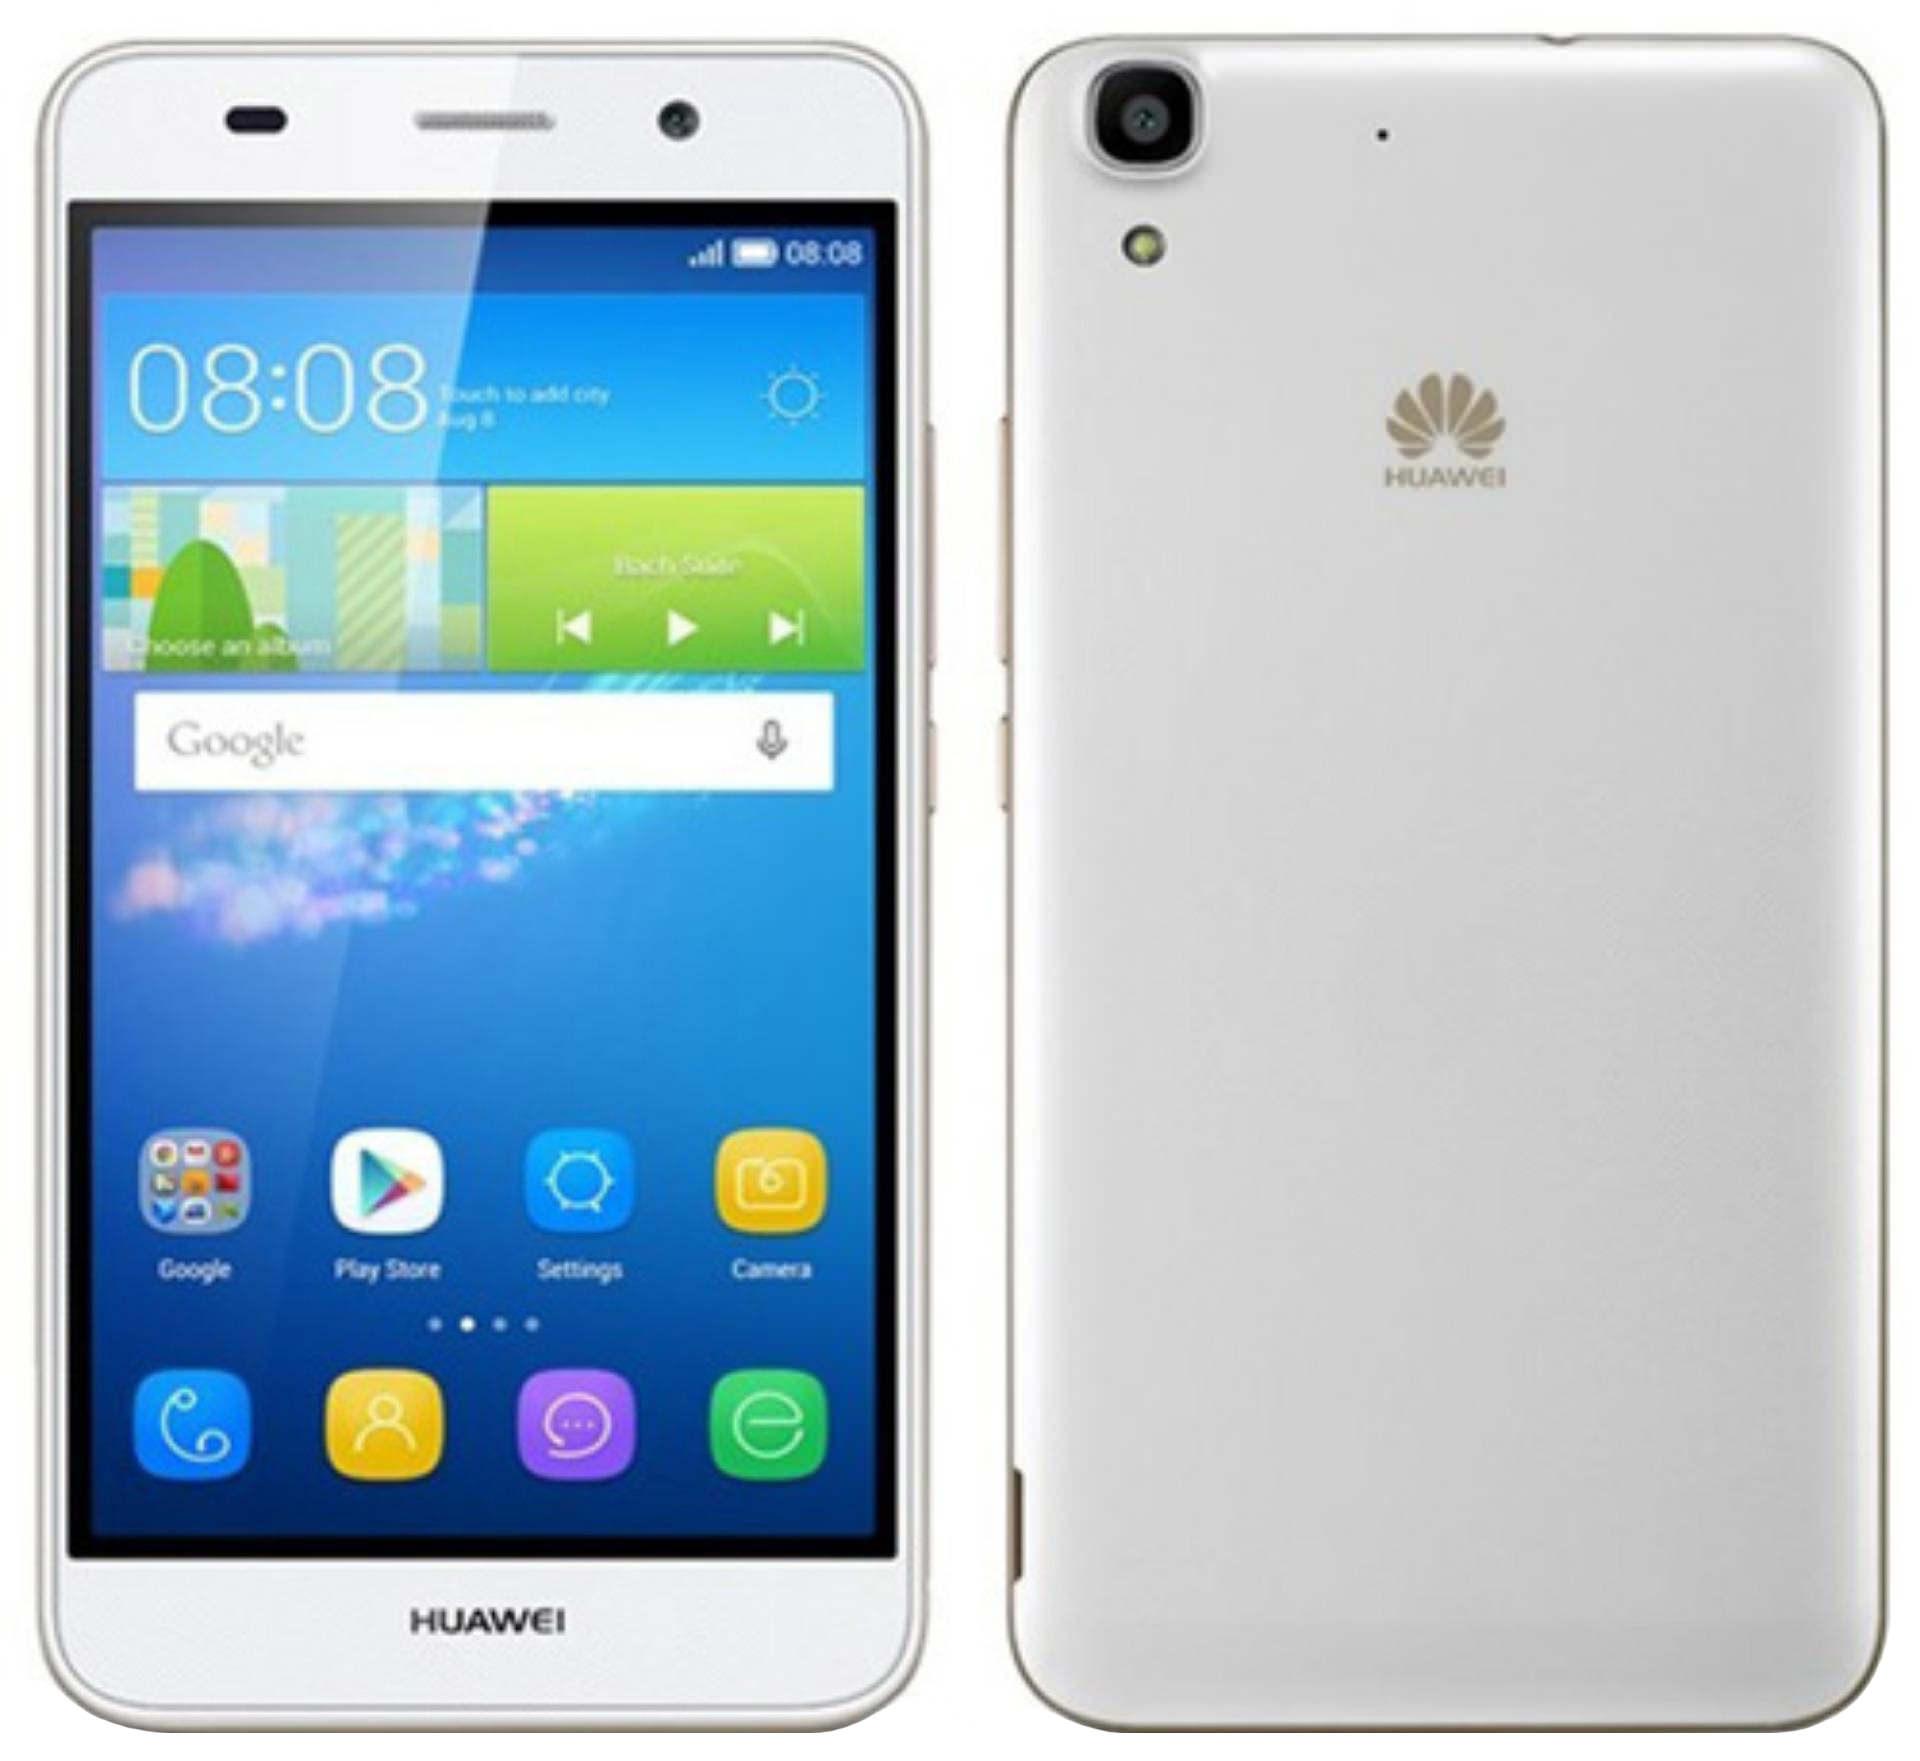 Huawei Y6 2015